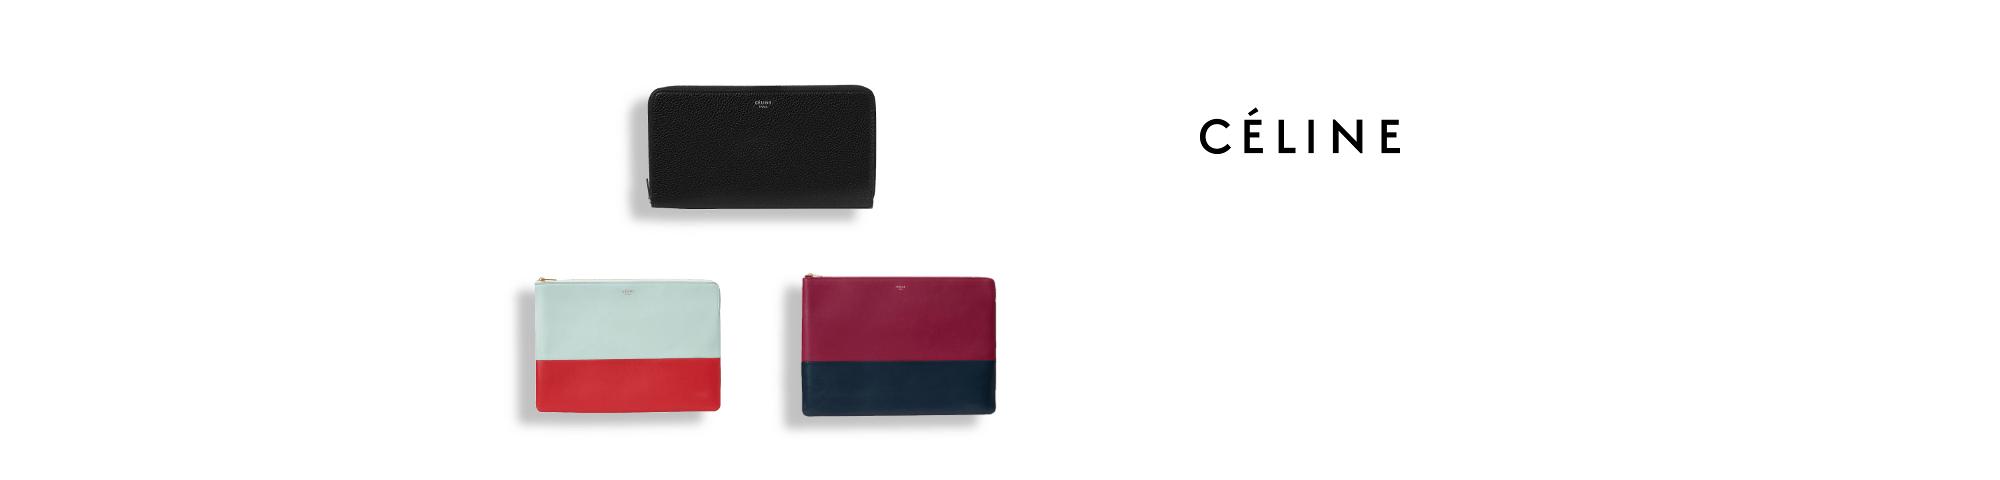 セリーヌのセリーヌ 財布買取の高価買取ならお任せ下さい。